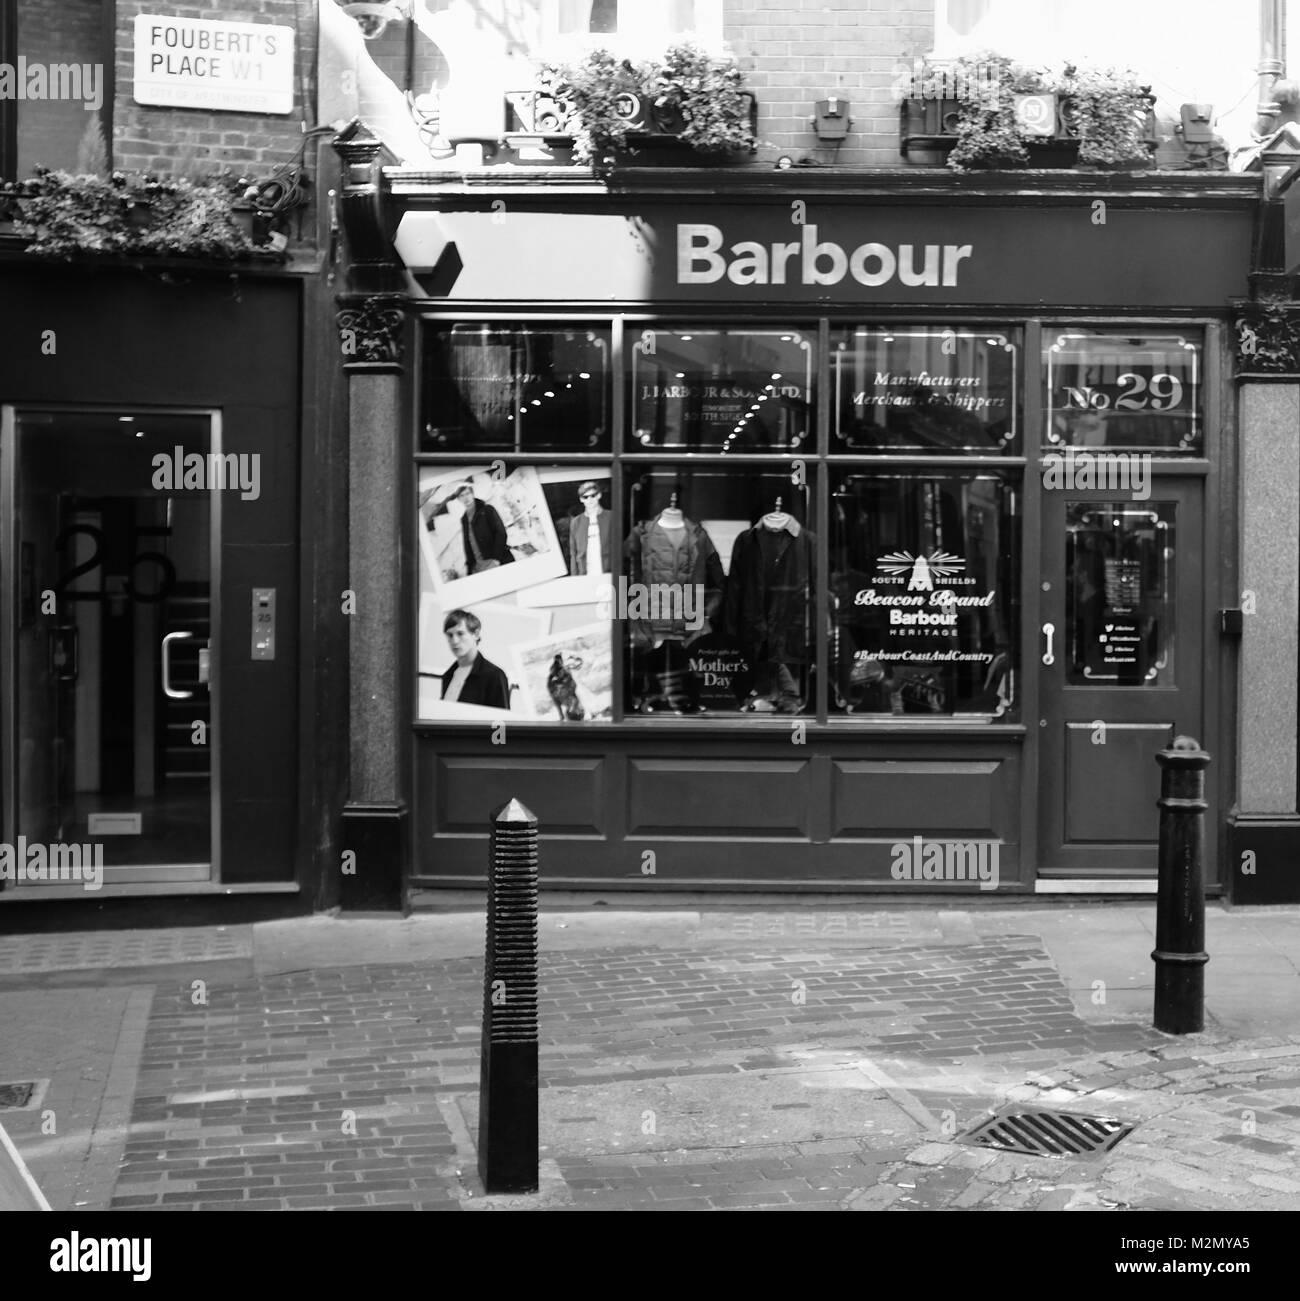 Bianco   Nero Fotografia di Barbour giacca cera Shop in Fouberts Place 48c6a1354ddd